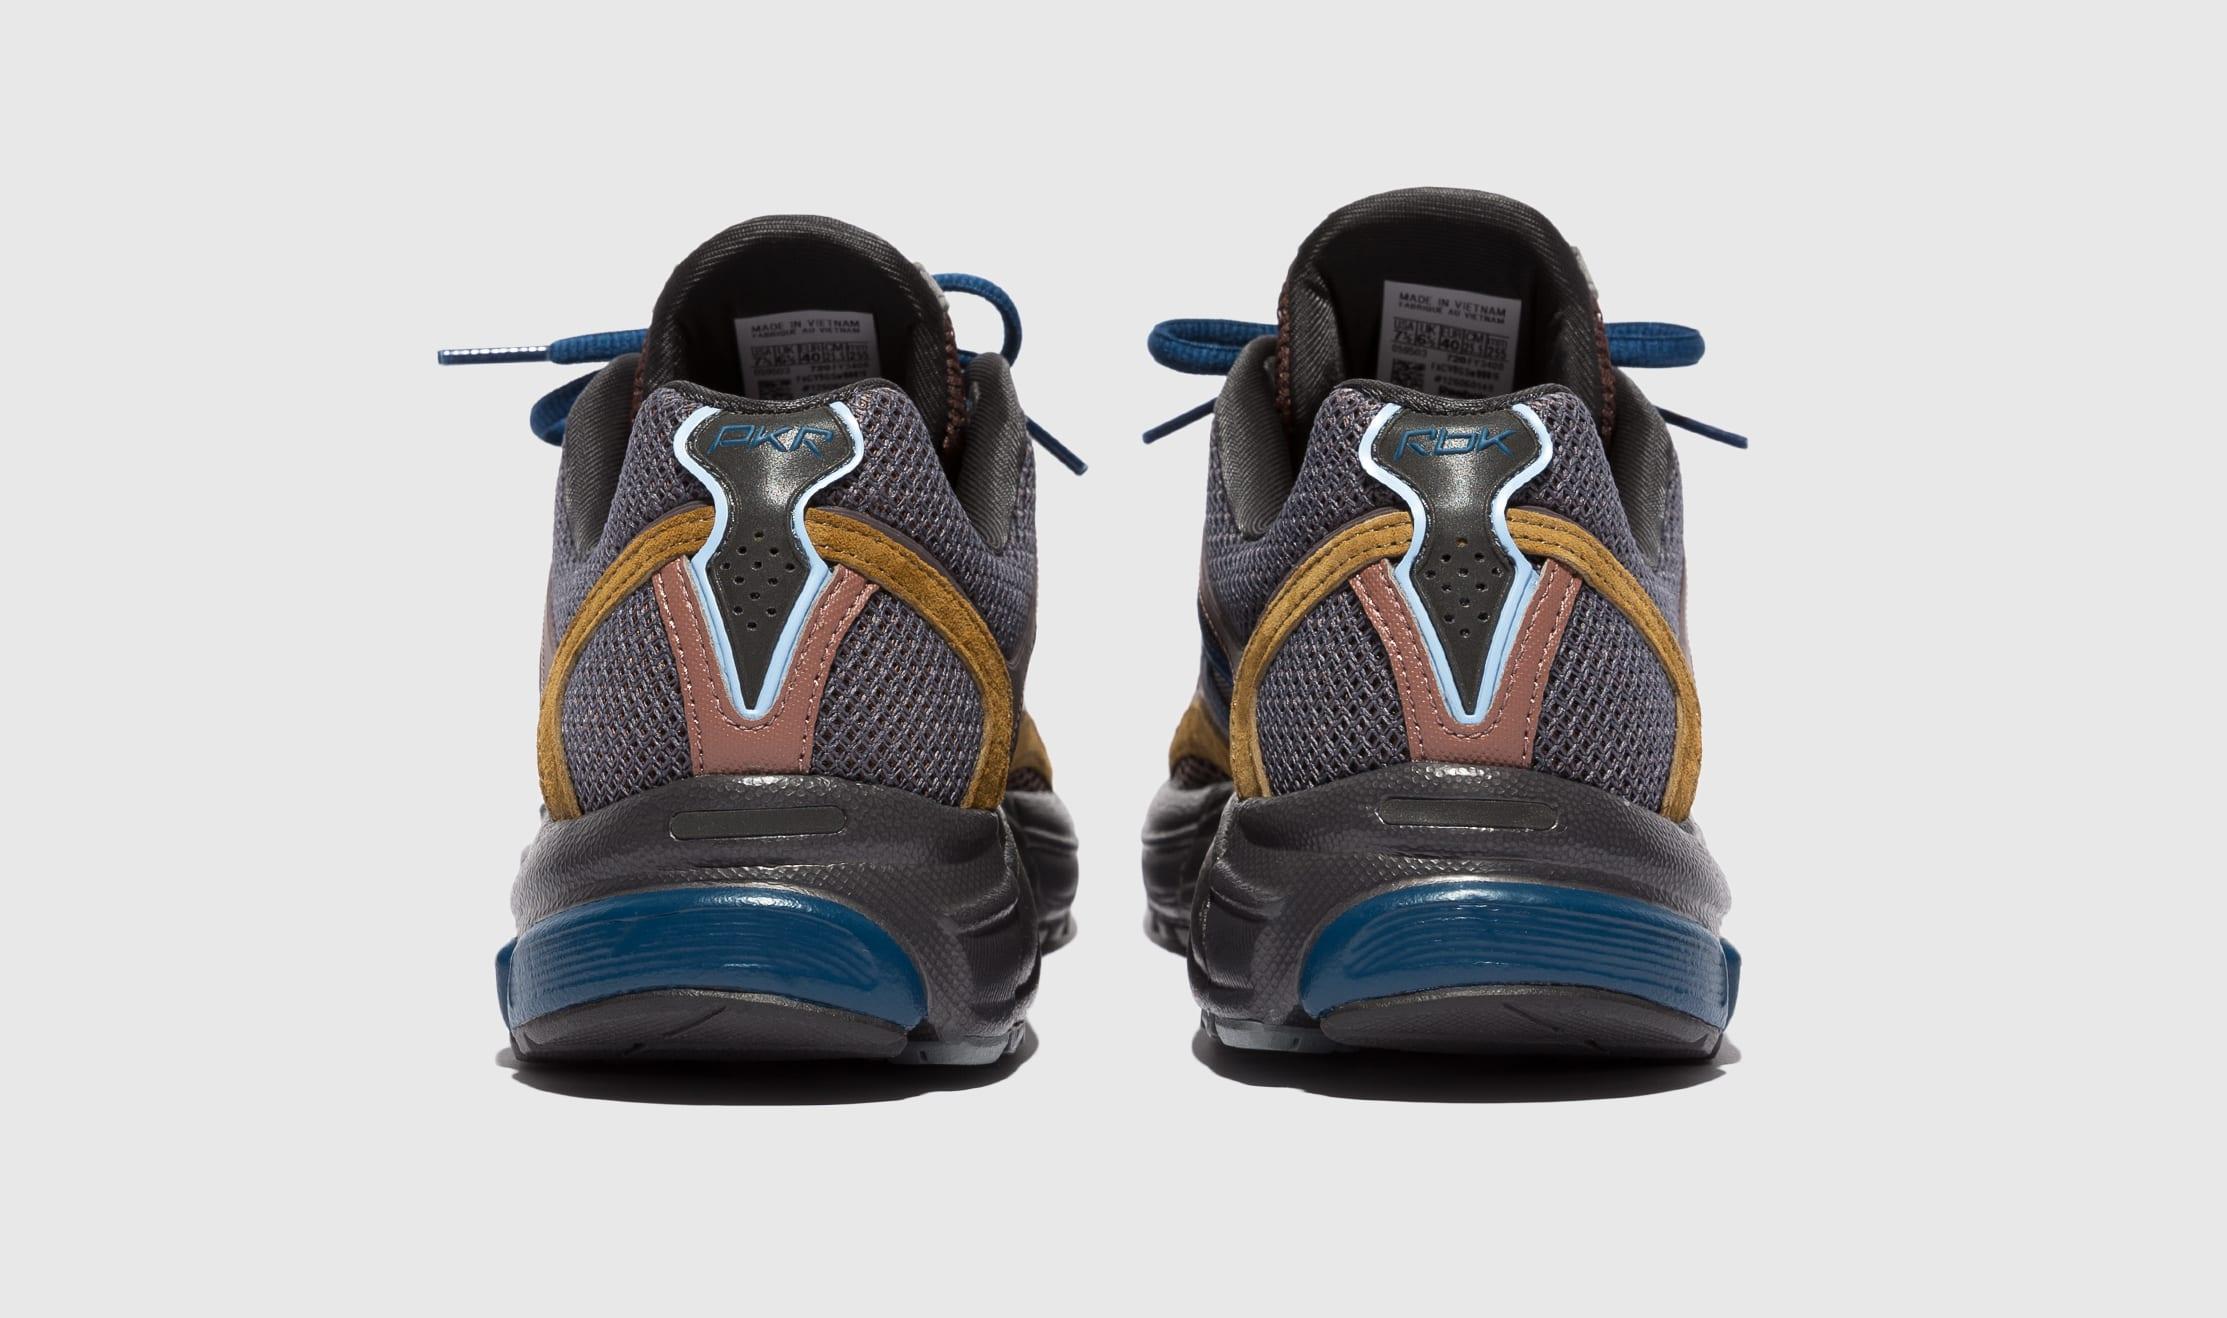 Packer Shoes x Reebok Trinity Premier Brown FY3408 Heel